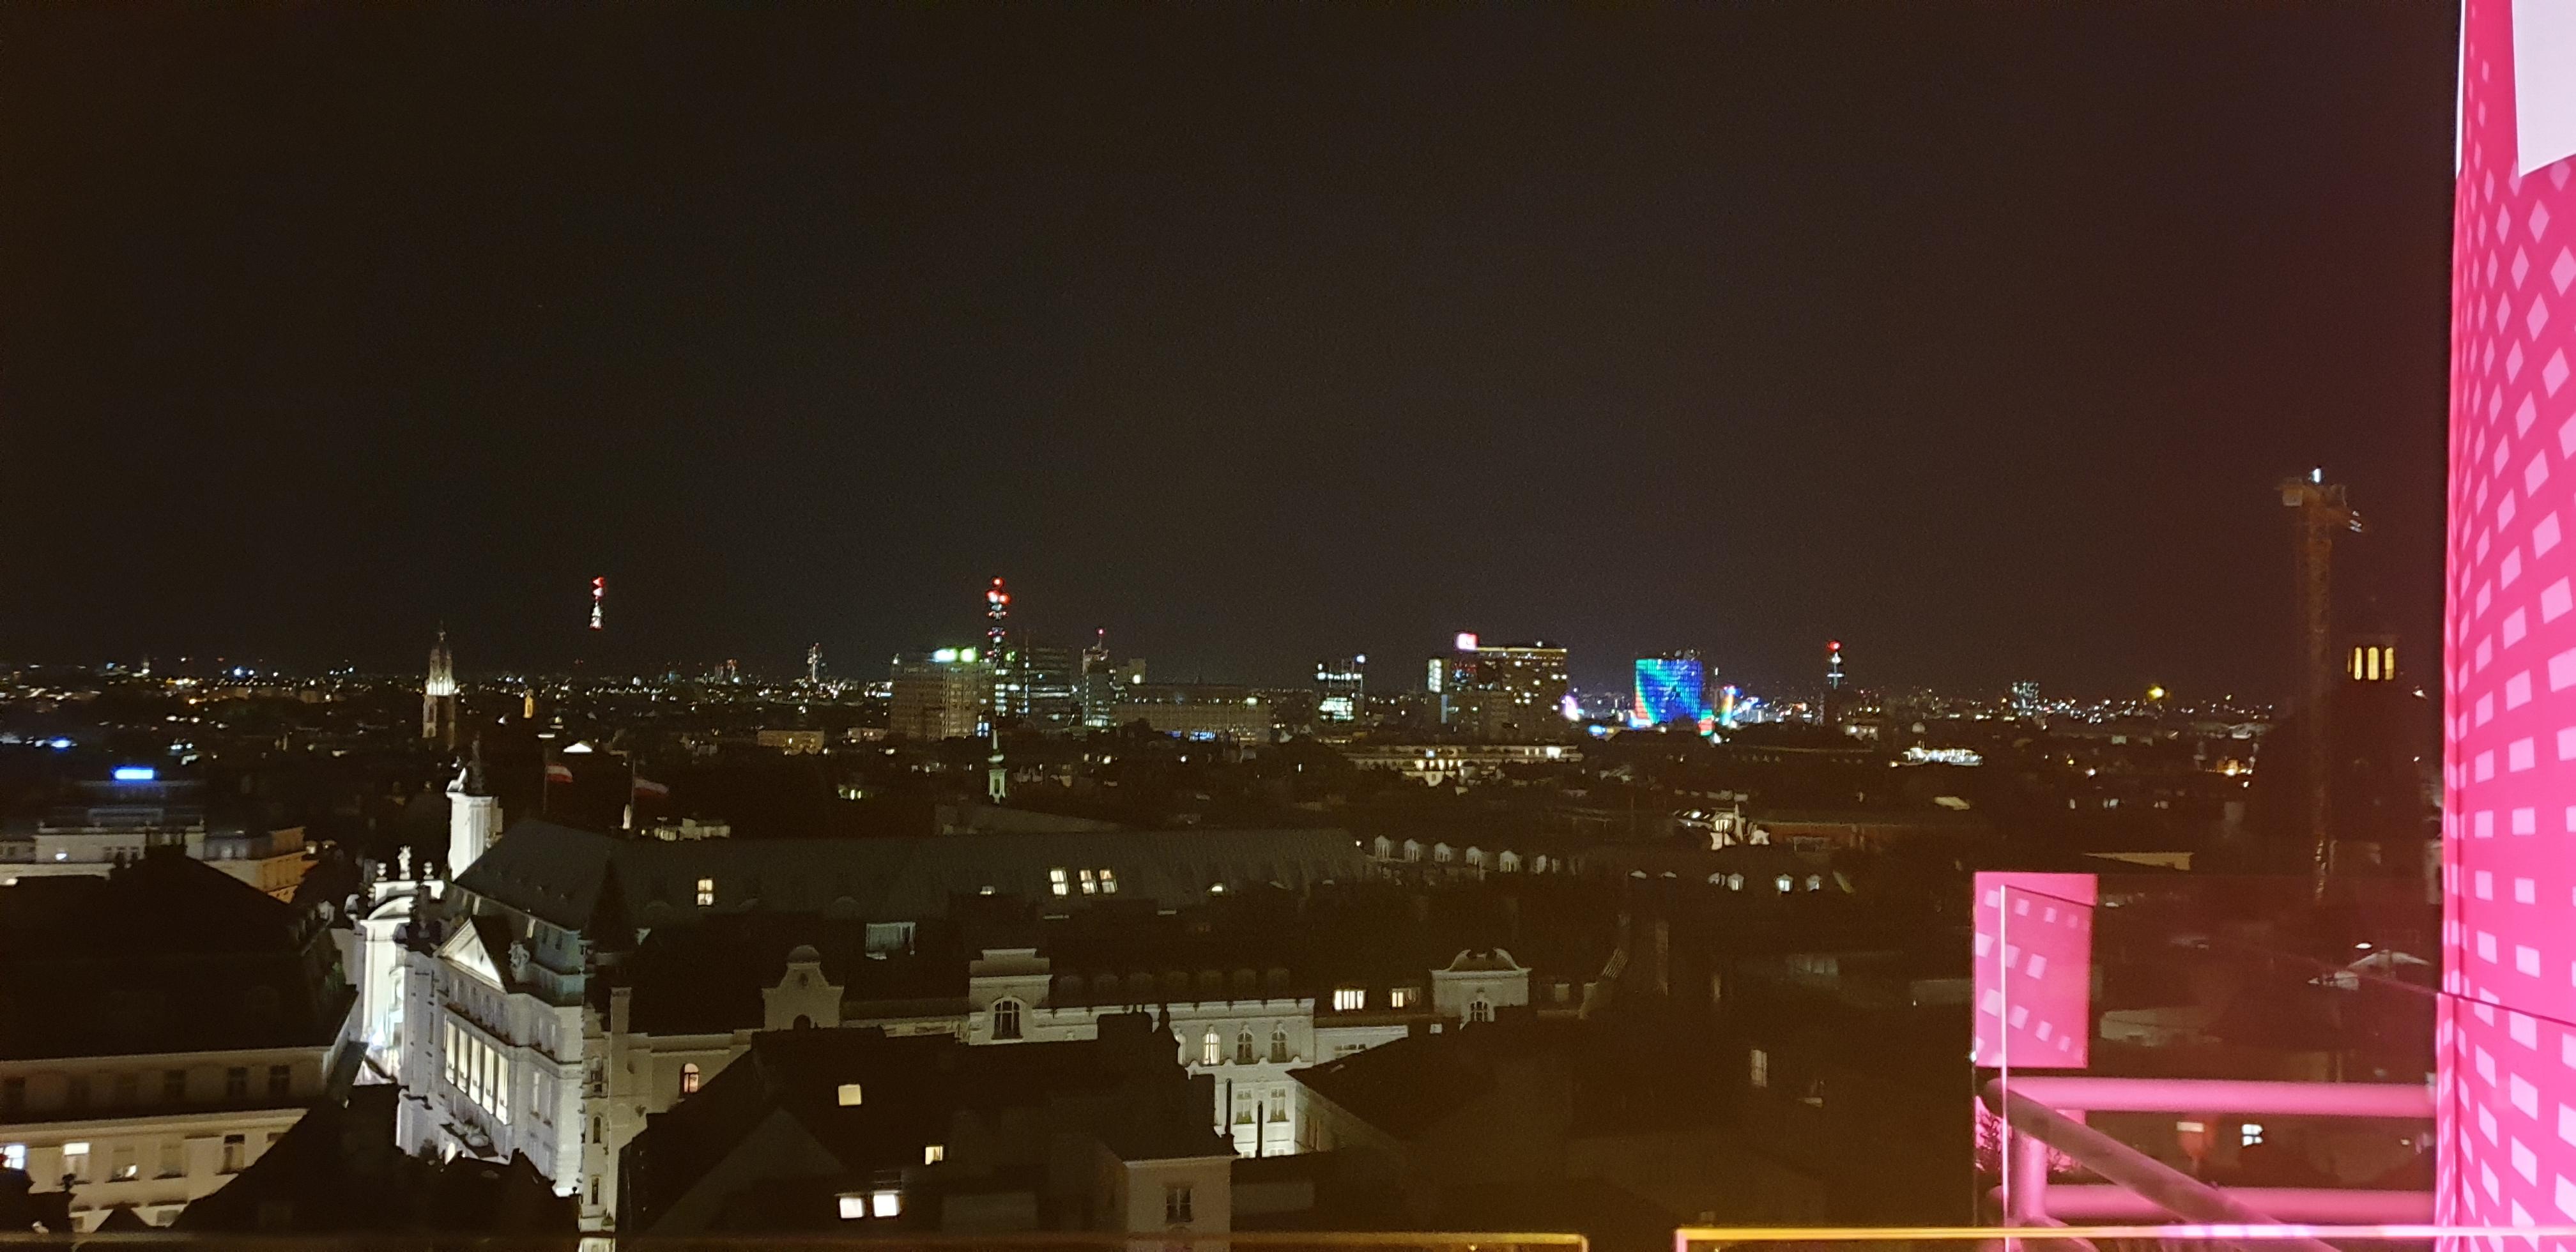 Wien, Wien nur du allein